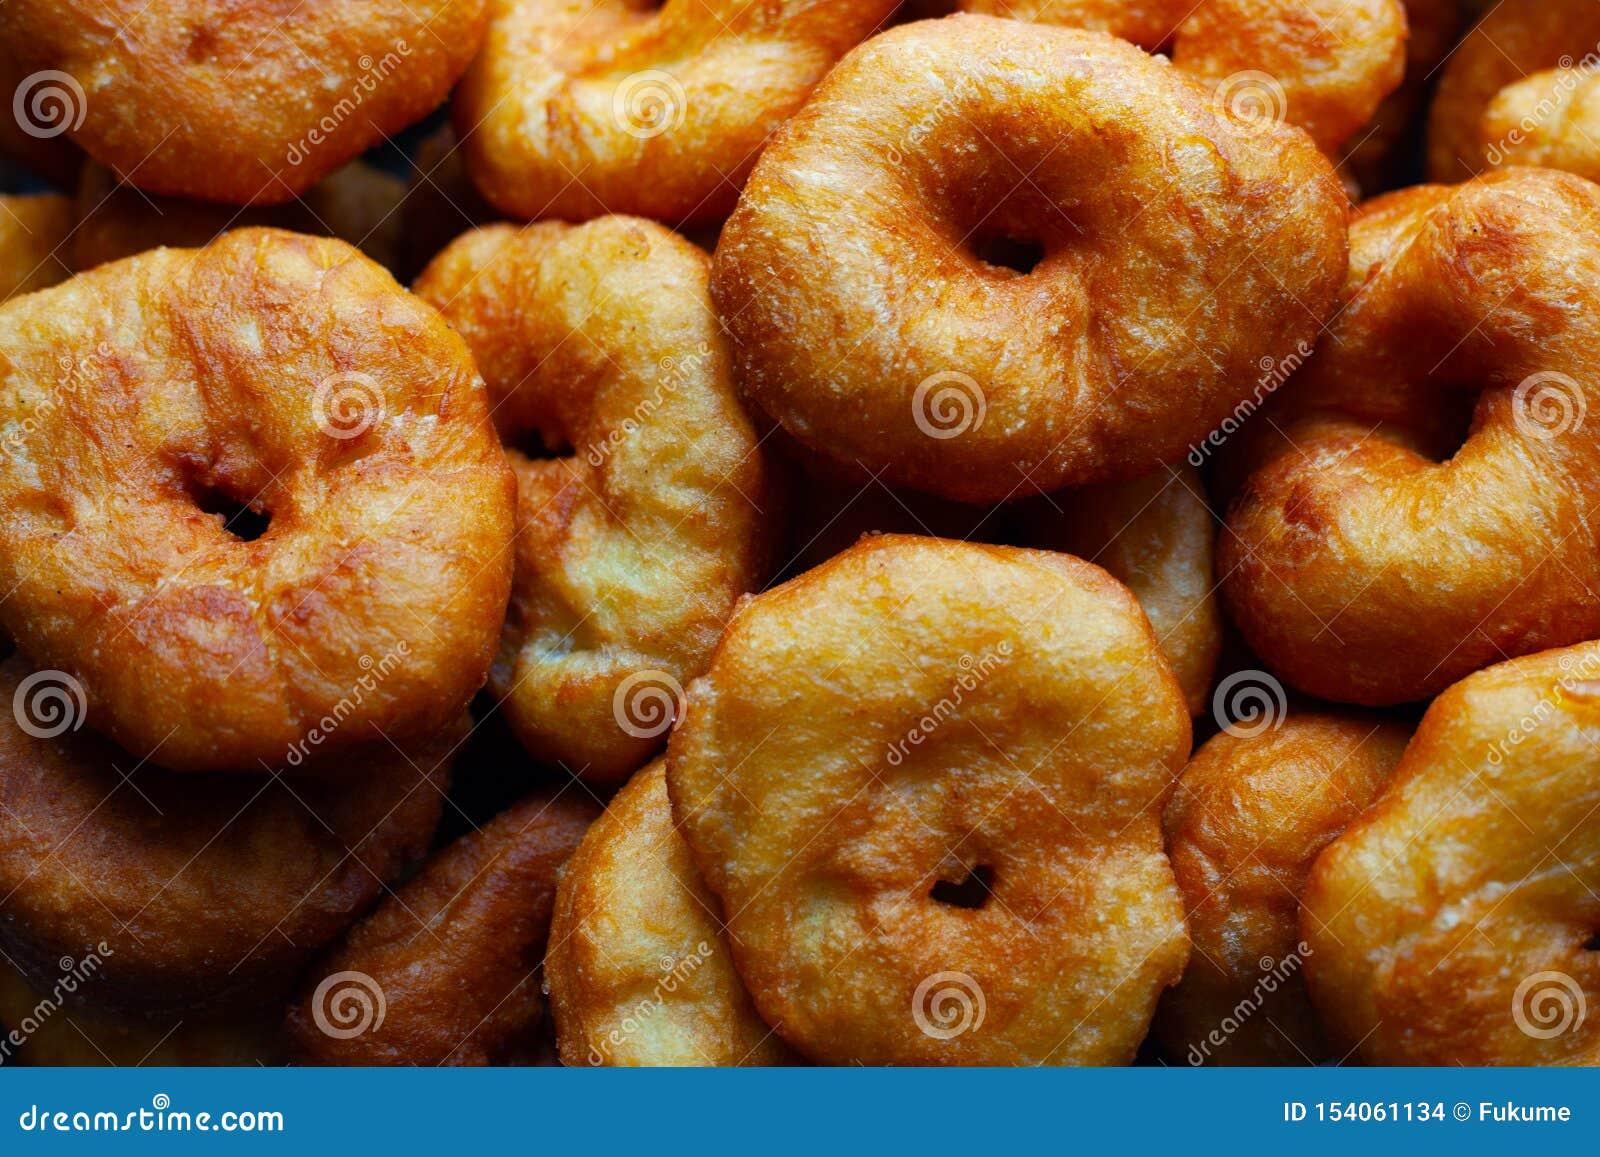 Τα χρυσά γλυκά donuts τηγάνισαν στο ηλιέλαιο, επιβλαβές γρήγορο μαγείρεμα τροφίμων οδών